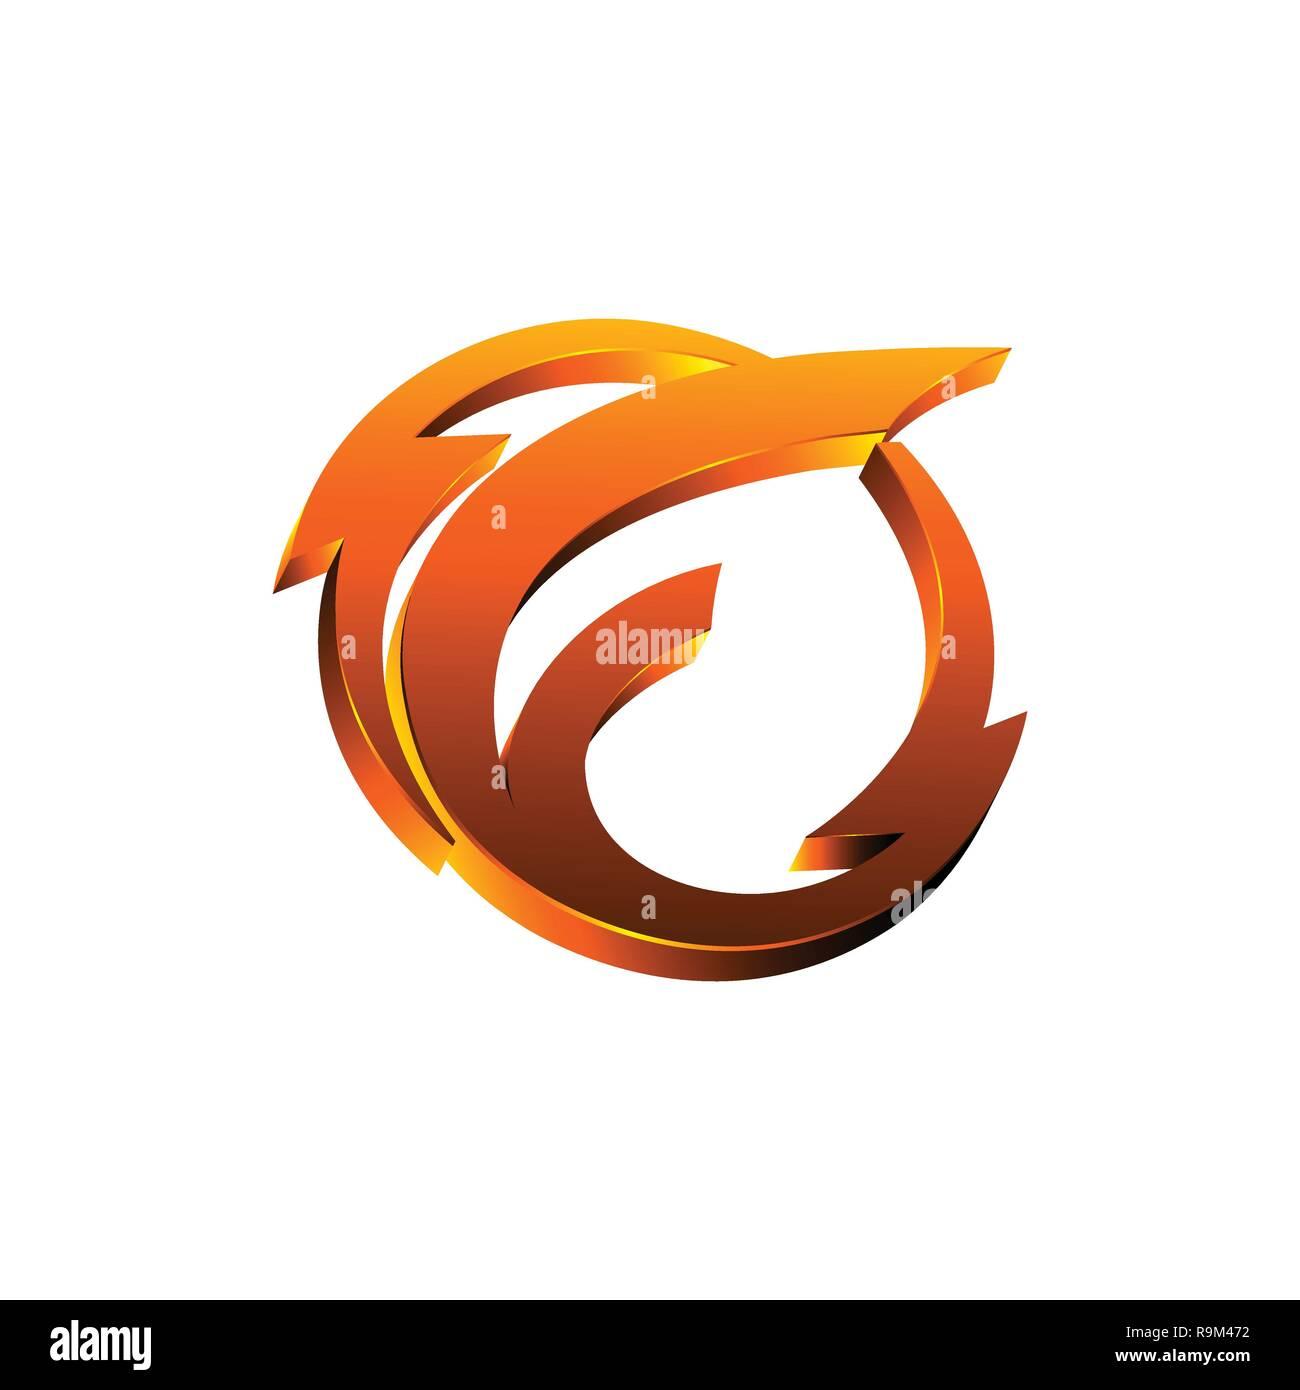 55c7f5215127a Tecnología Electrónica inicial letra F vector logo ilustración del concepto.  Logotipo de relámpagos. Logotipo de la electricidad. Vector logo plantilla.